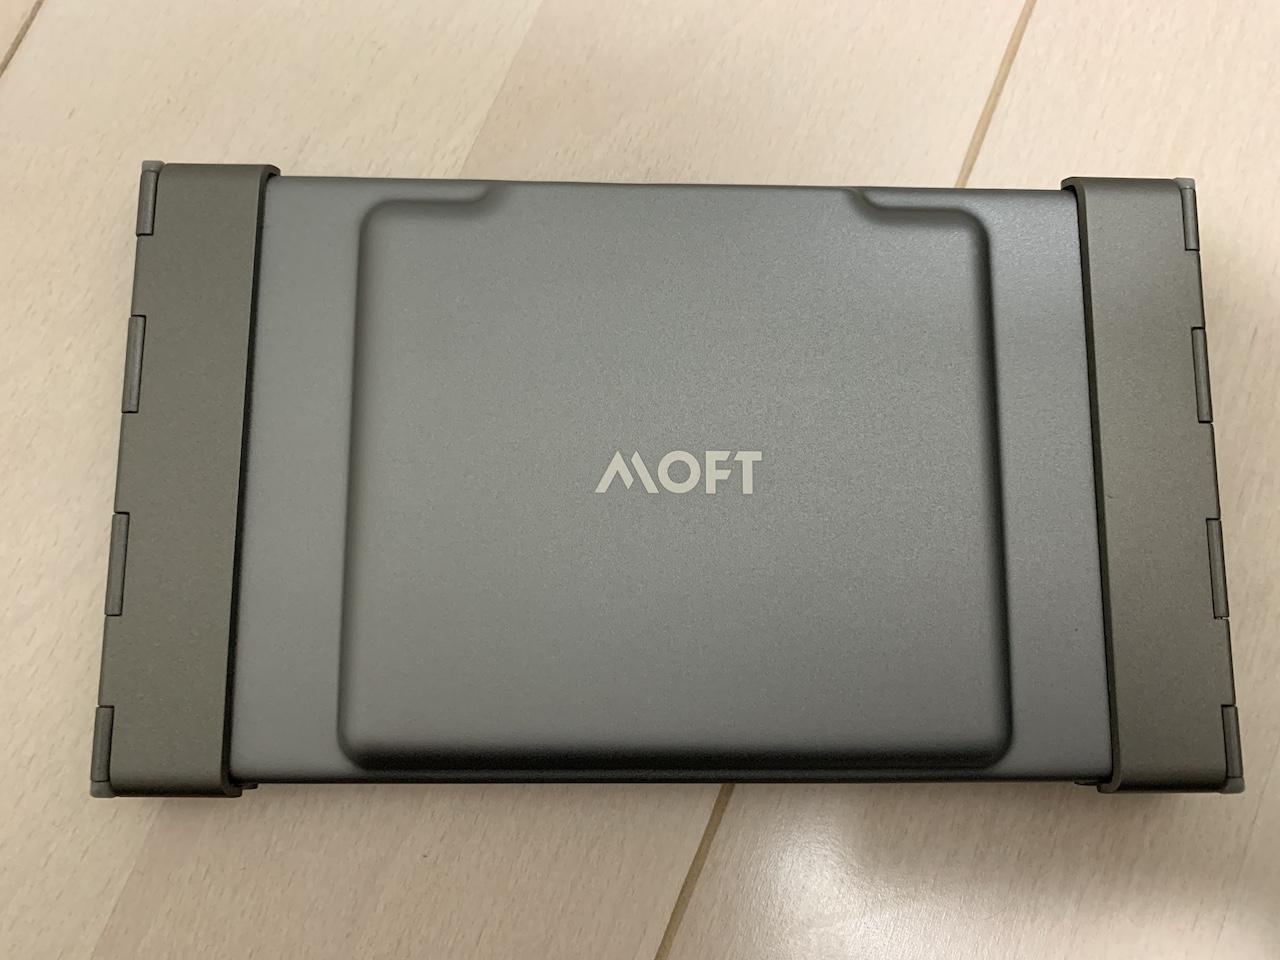 MOFT 折り畳み式キーボードの本体2